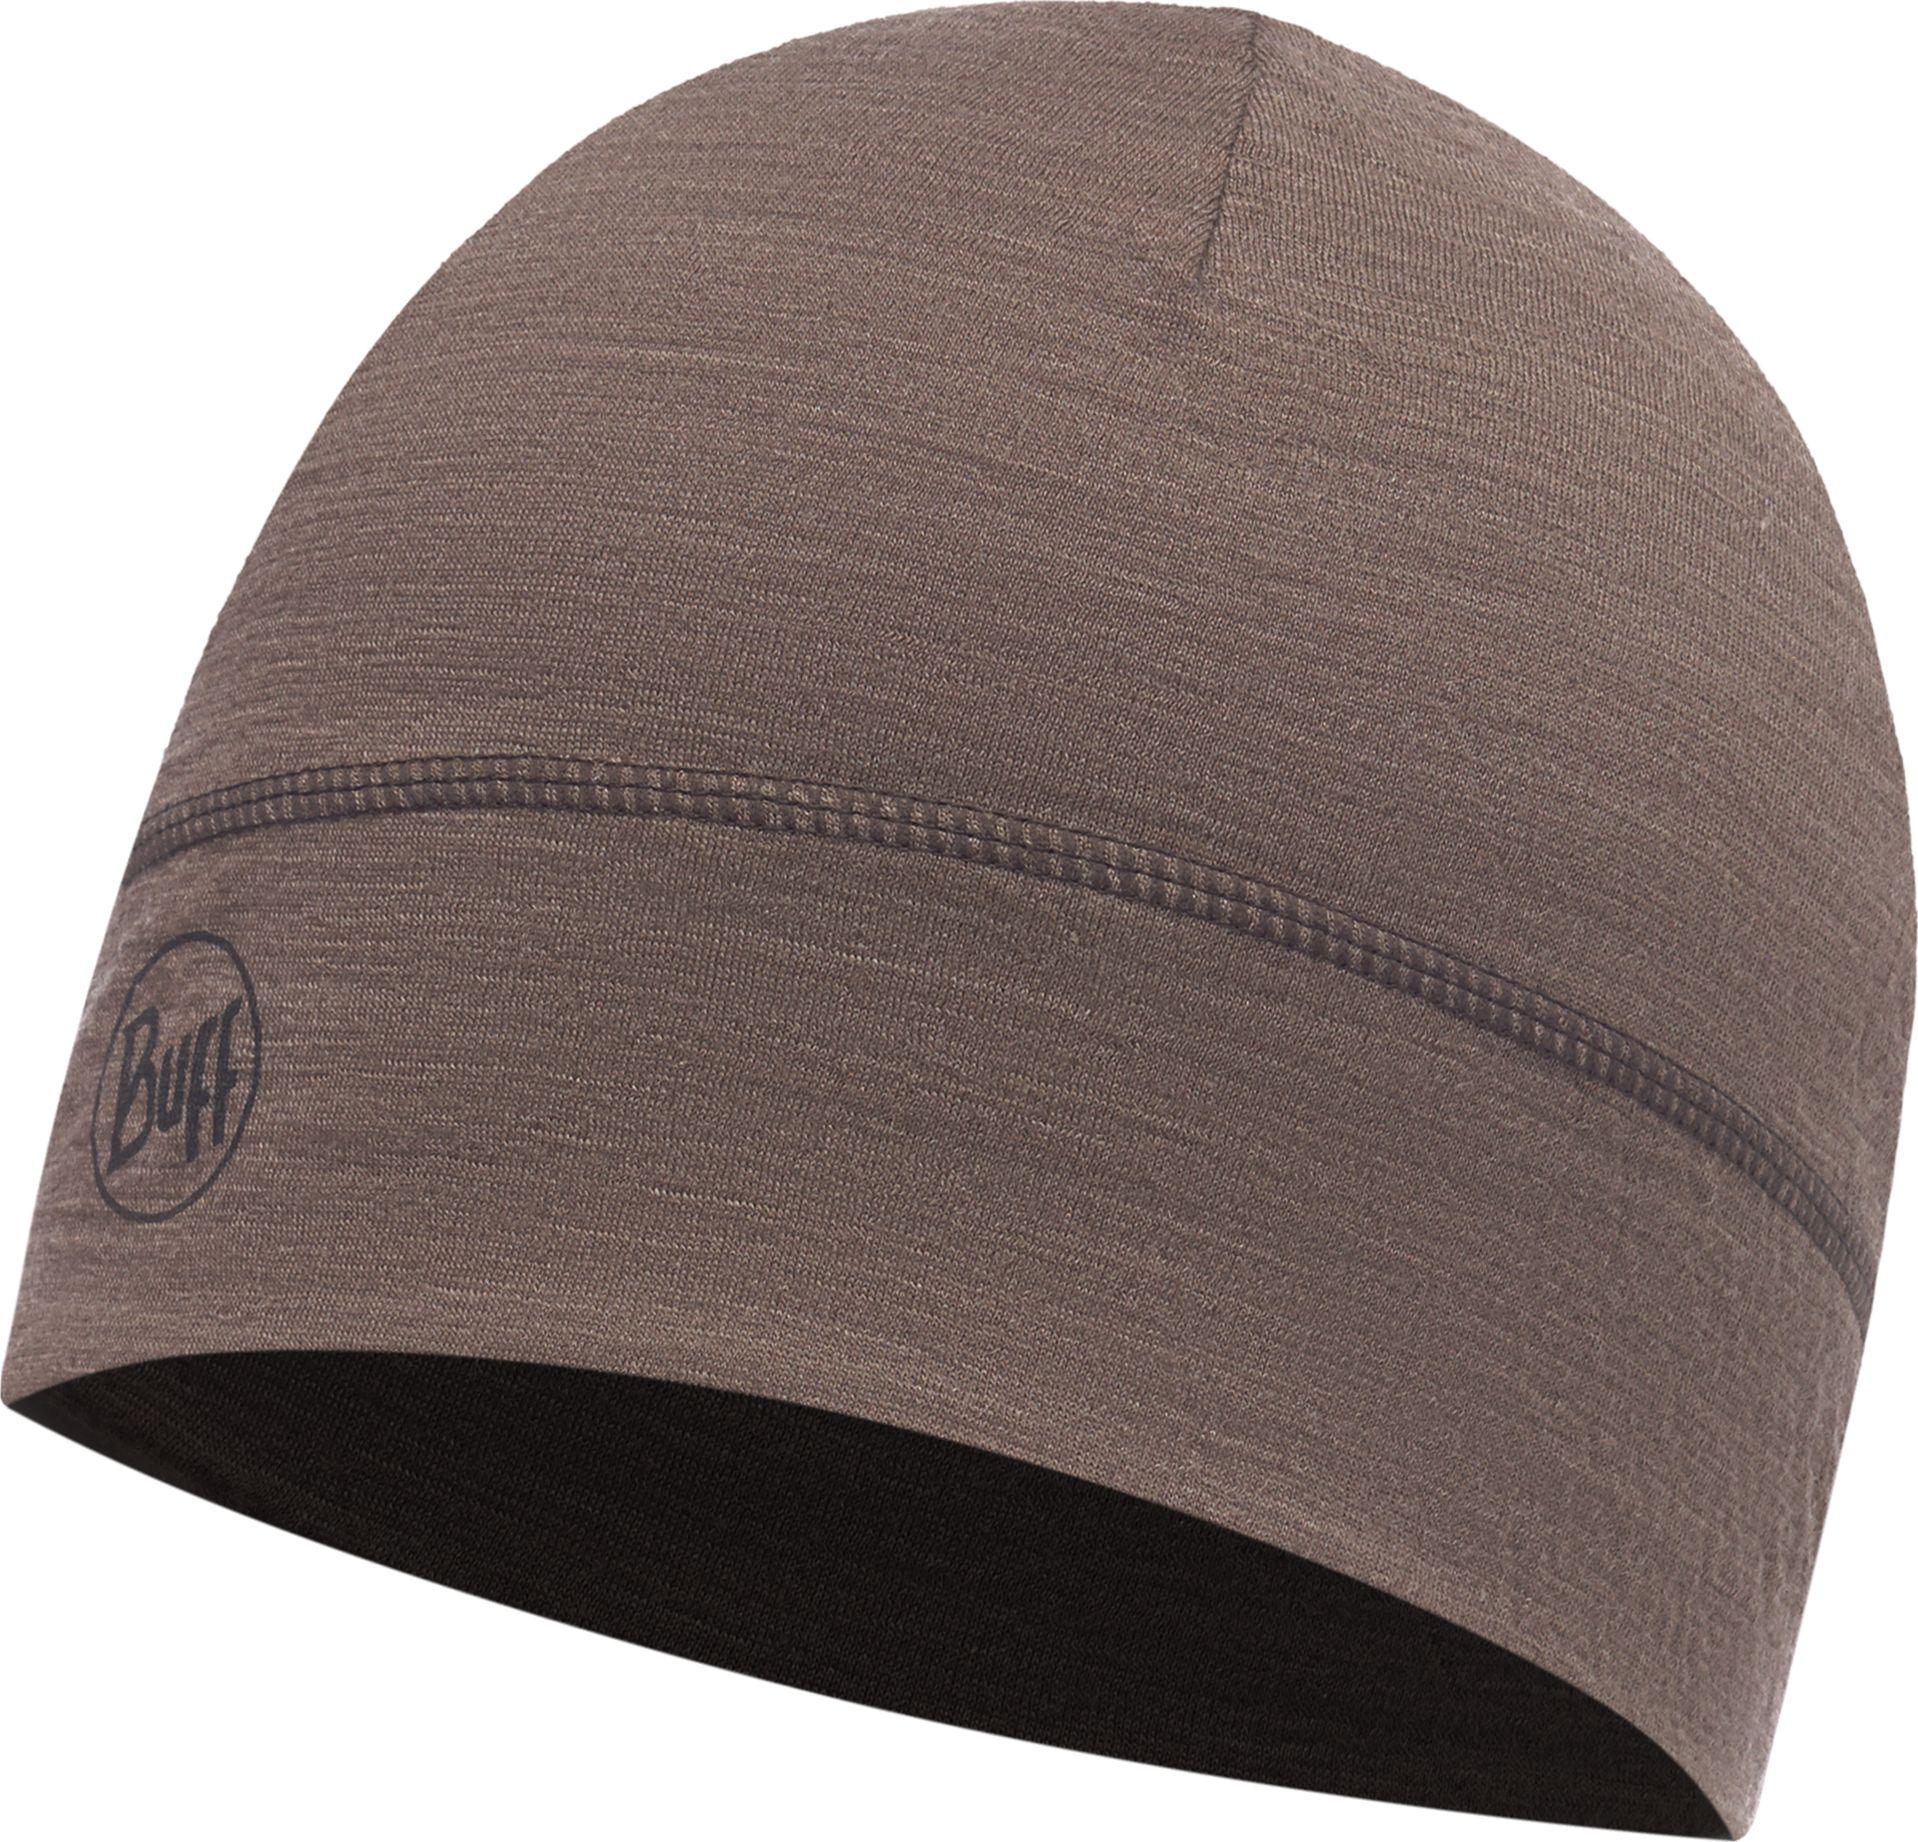 Купить Шапка Buff Lightweight Merino Wool 1 Layer Hat Solid Walnut Brown, цвет: коричневый. 117065.327.10.00. Размер универсальный